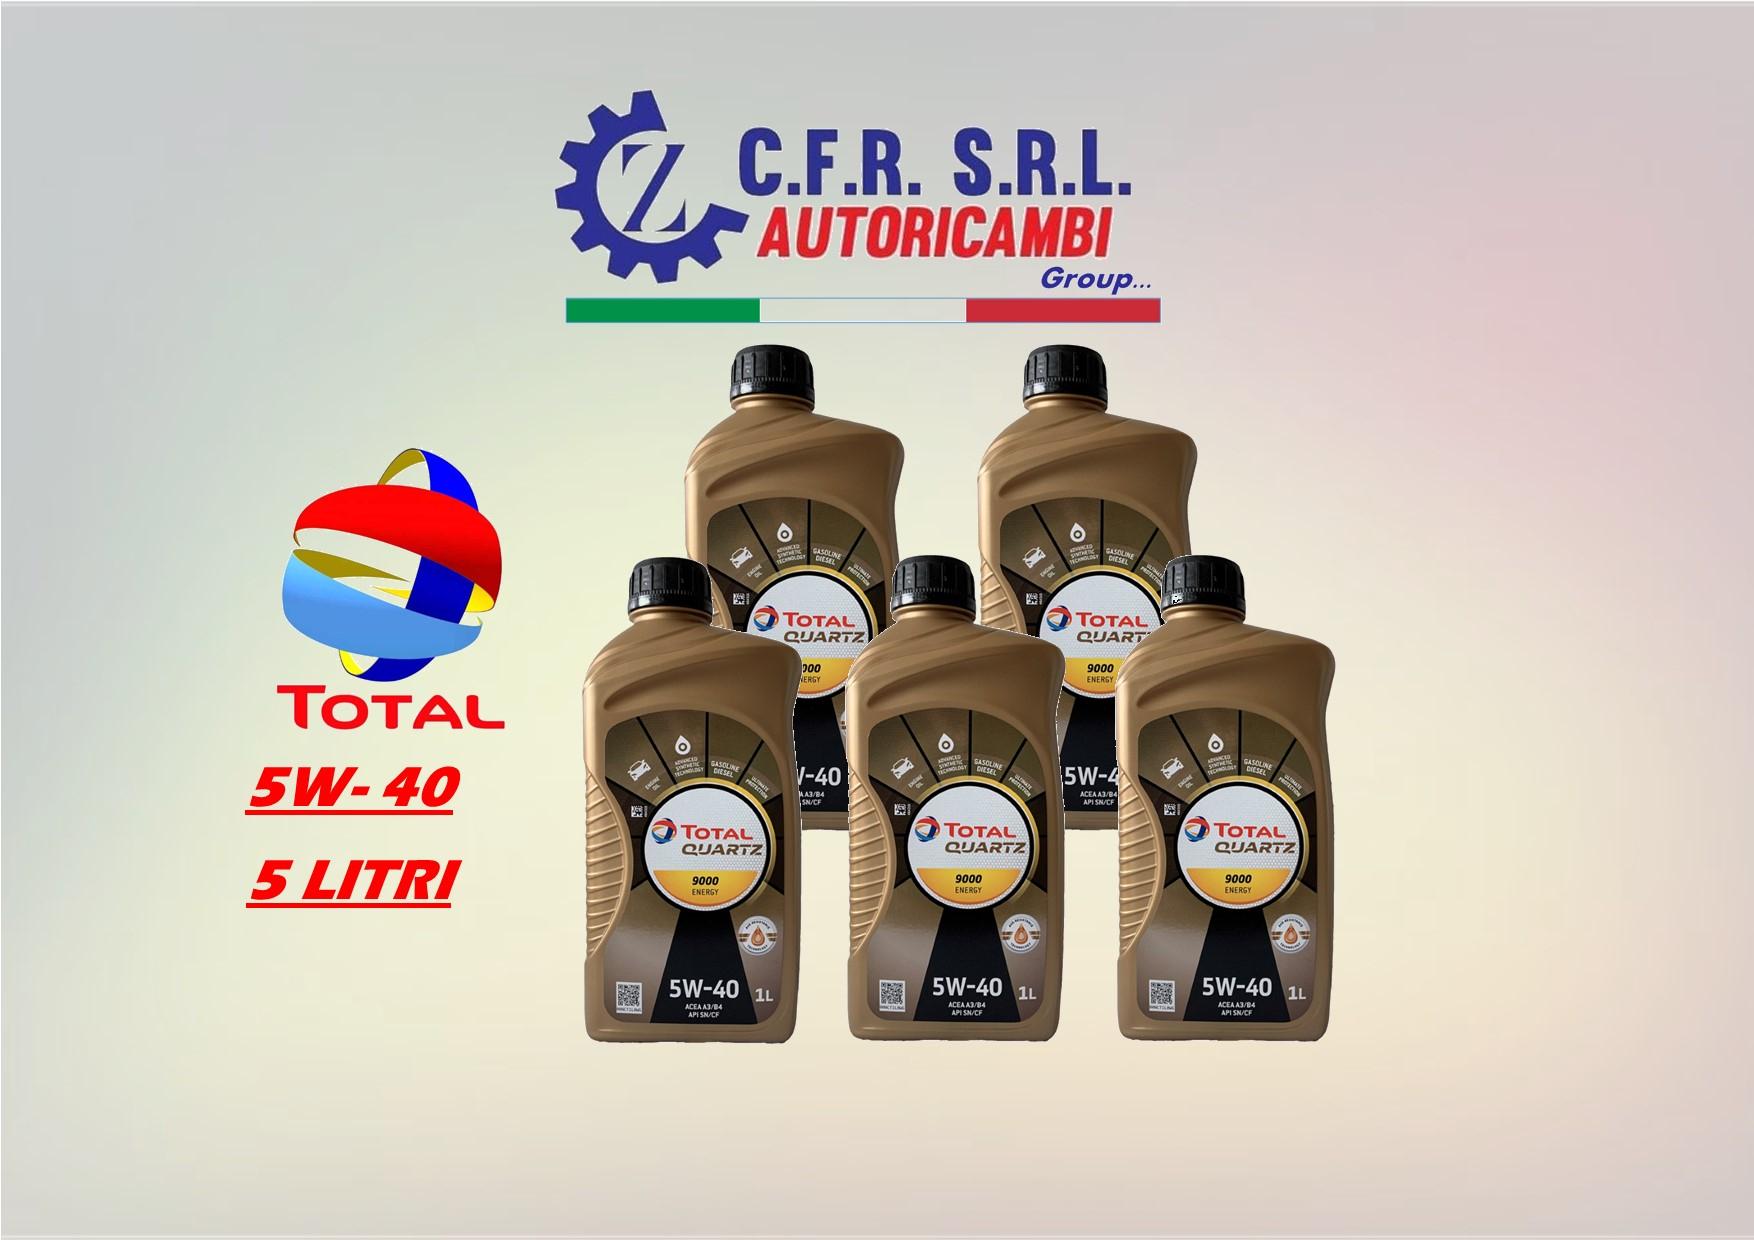 5PZ OLIO LUBRIFICANTE TOTAL QUARTZ 9000 5W-40